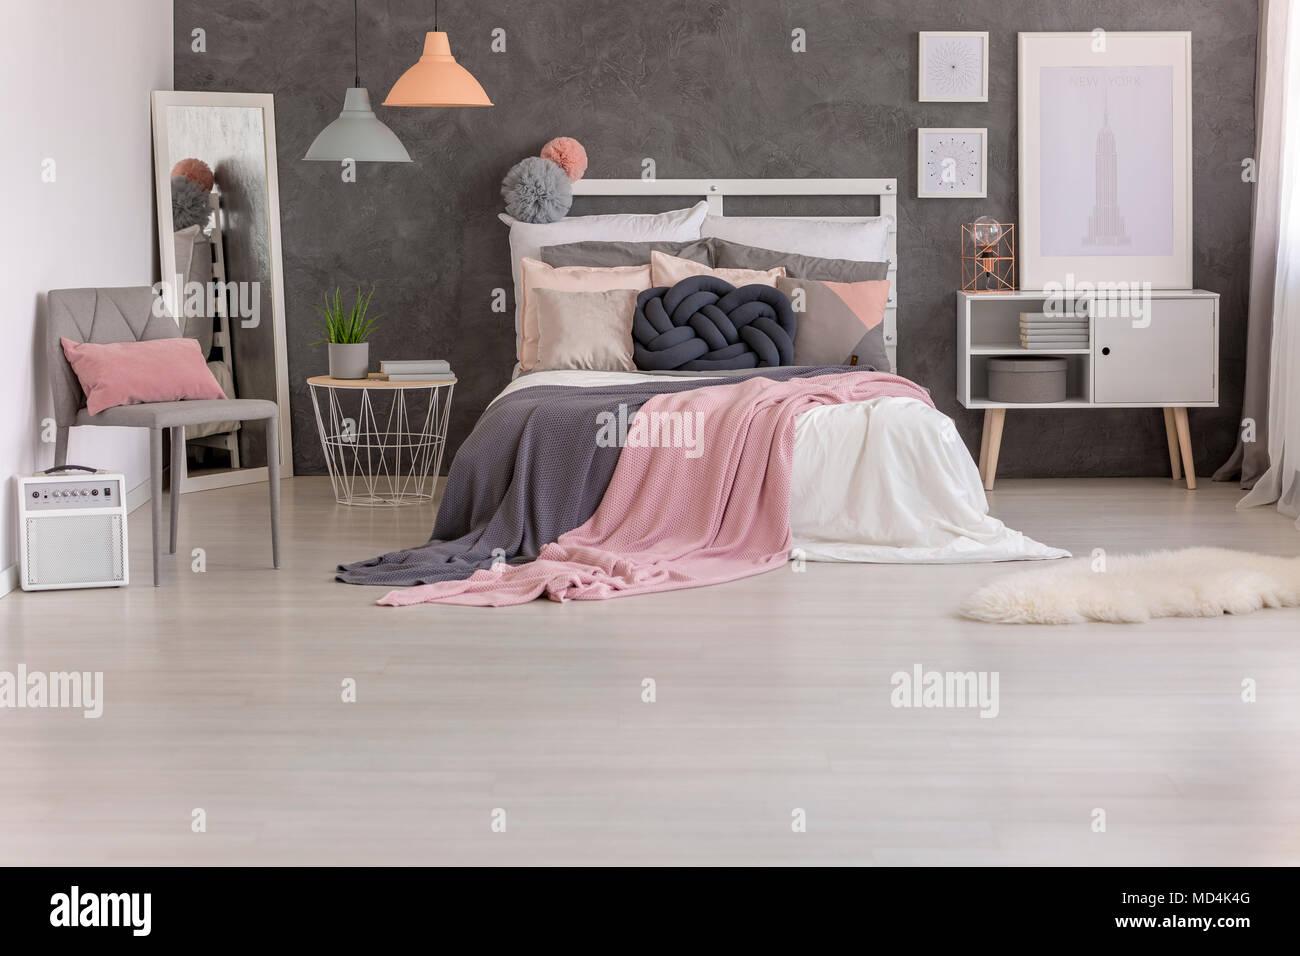 Zwei rosa und grauen Decken auf dem Bett geworfen, mit vielen Kissen ...